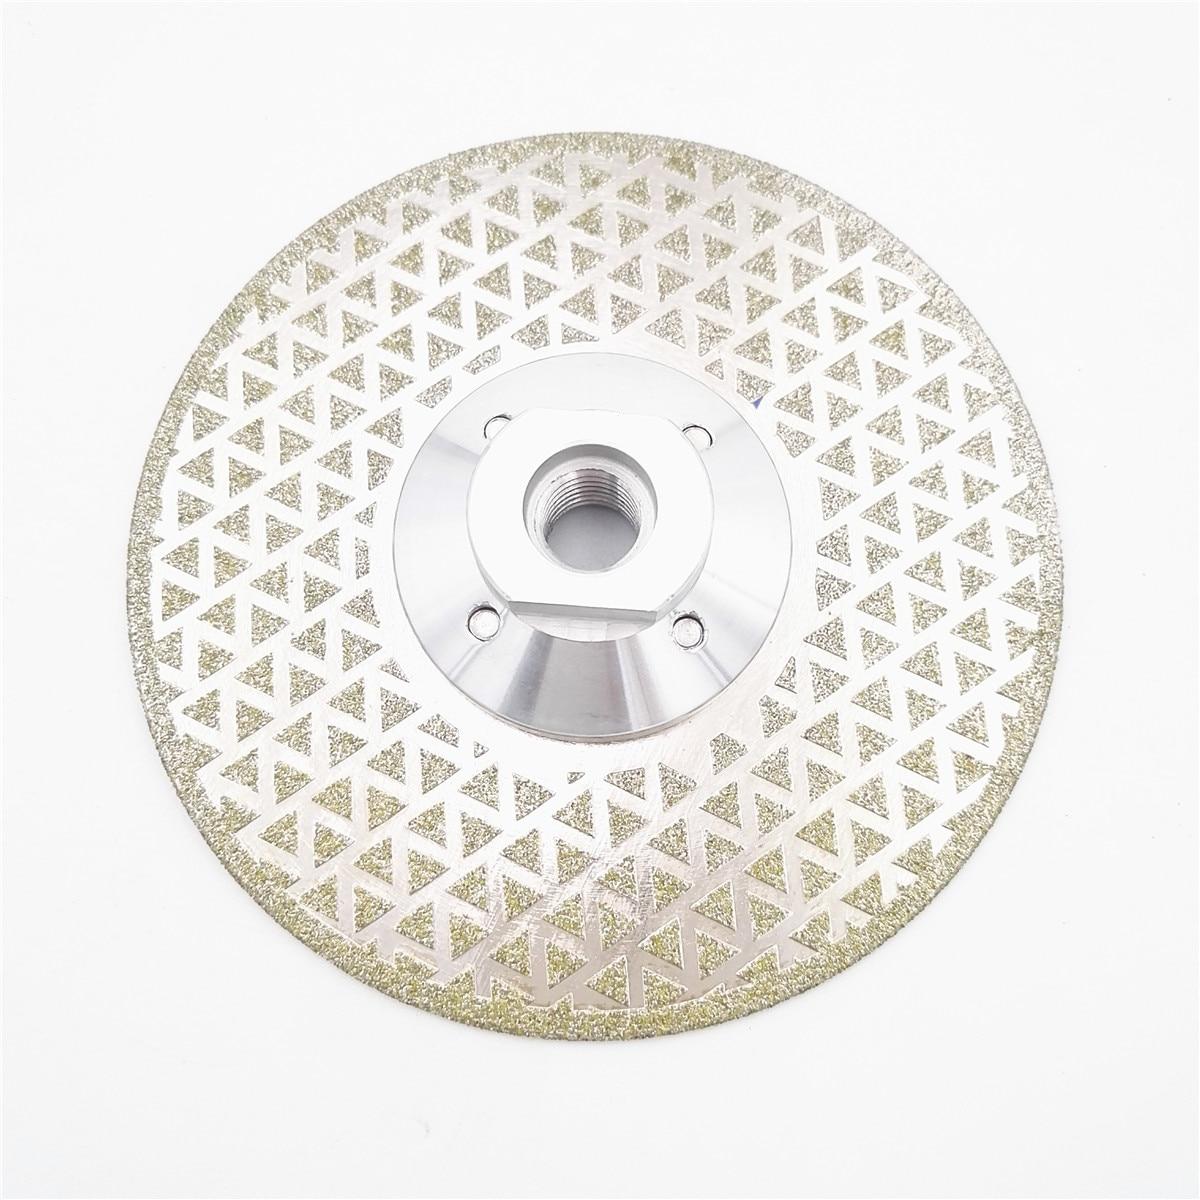 DIATOOL 125mm Électrolytique Diamant De Coupe Et De Meulage Disque Pour Granit et Marbre Avec Rectification Double Côtés